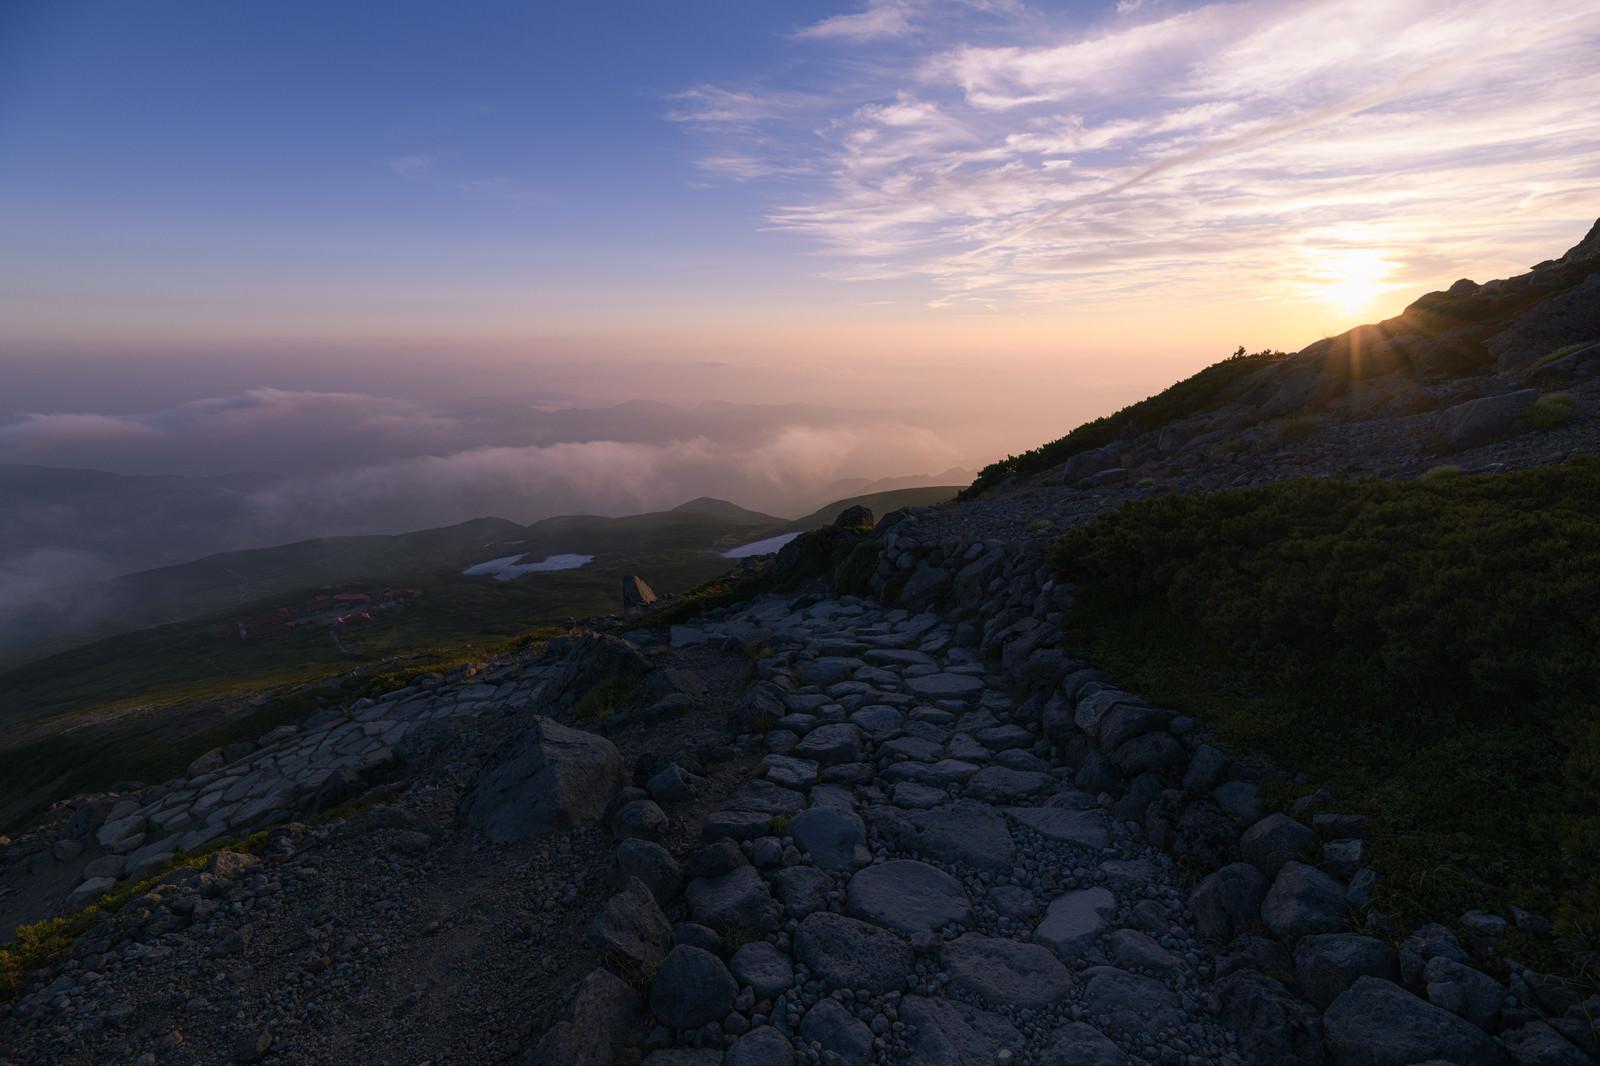 「御前峰から見る夕日の日本海方面の雲海(白山)」の写真